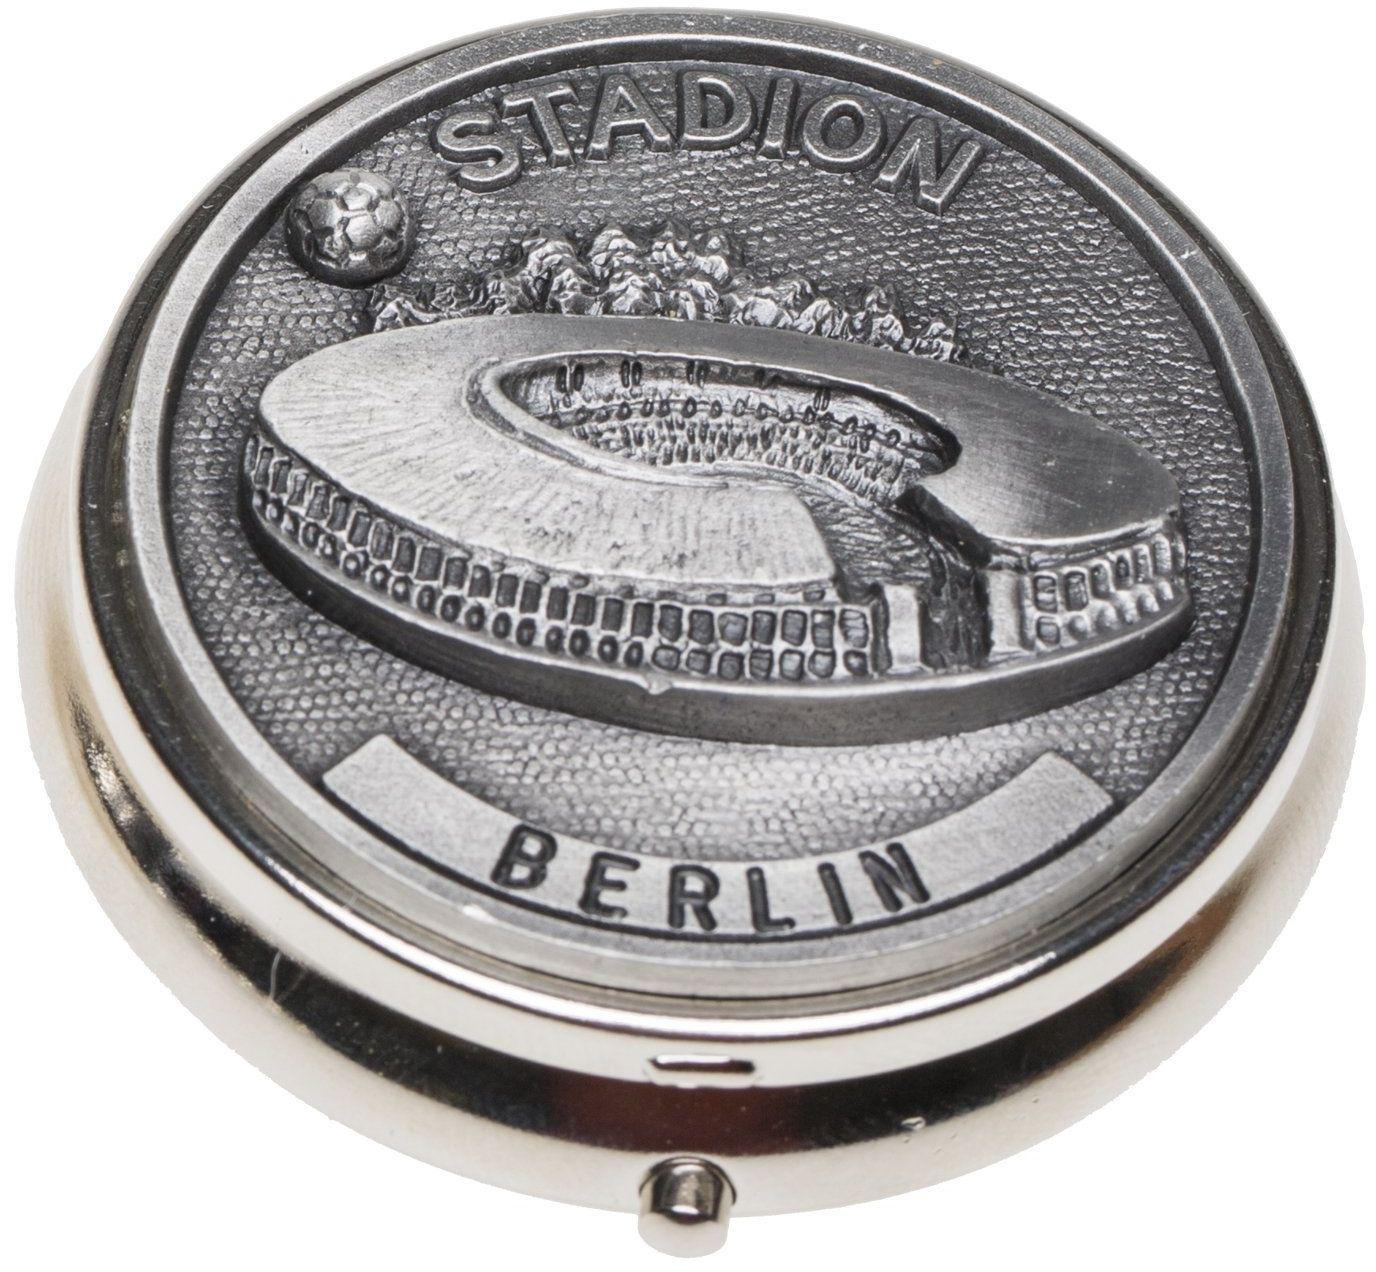 Schnabel-Schmuck Berlin popielniczka kieszonkowa nakładka cyna stadion piłkarski